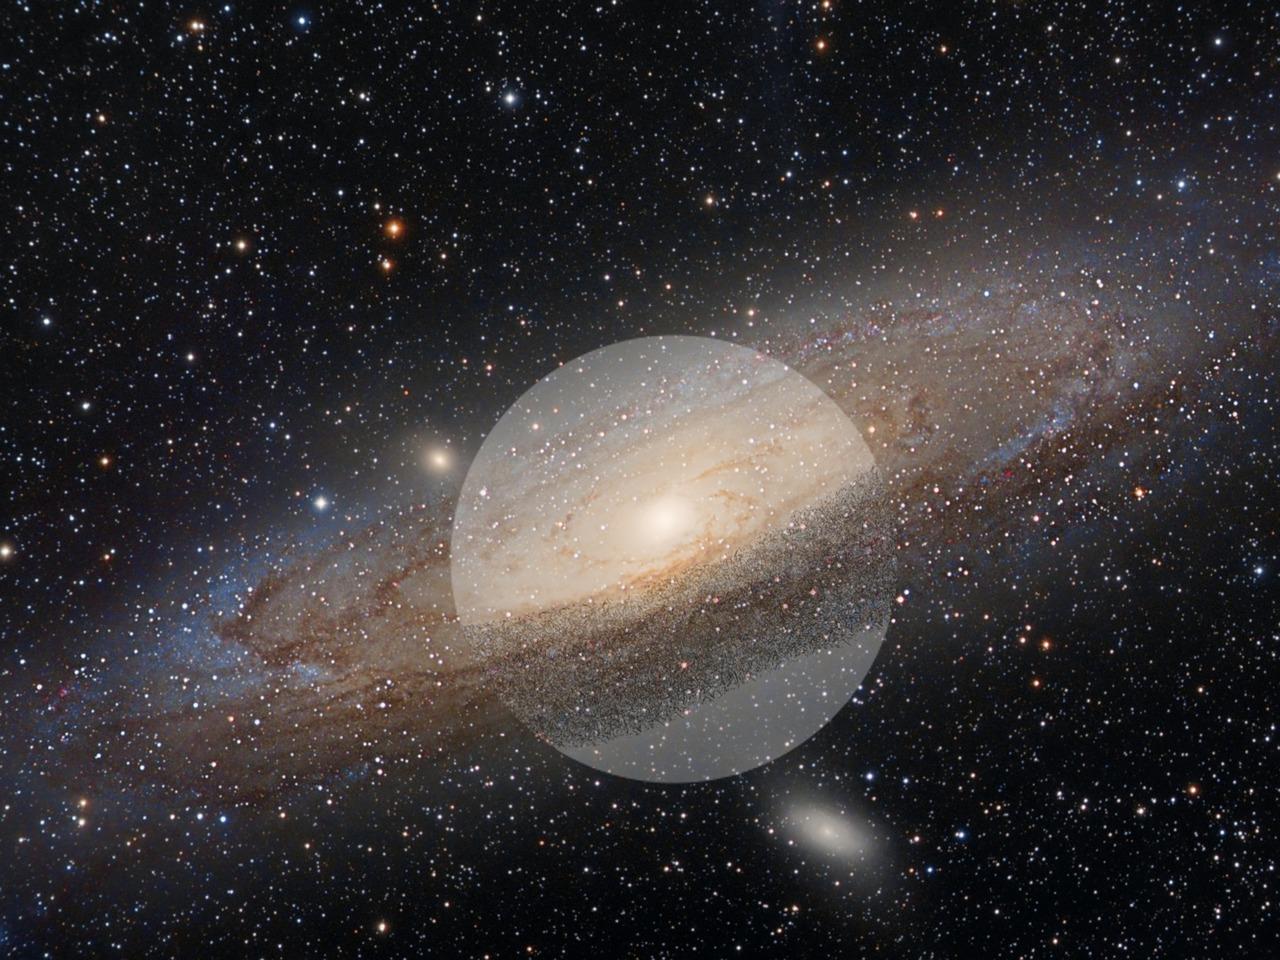 Oposisi Saturnus, Planet Saturnus mendekati Bumi dengan jarak terdekat